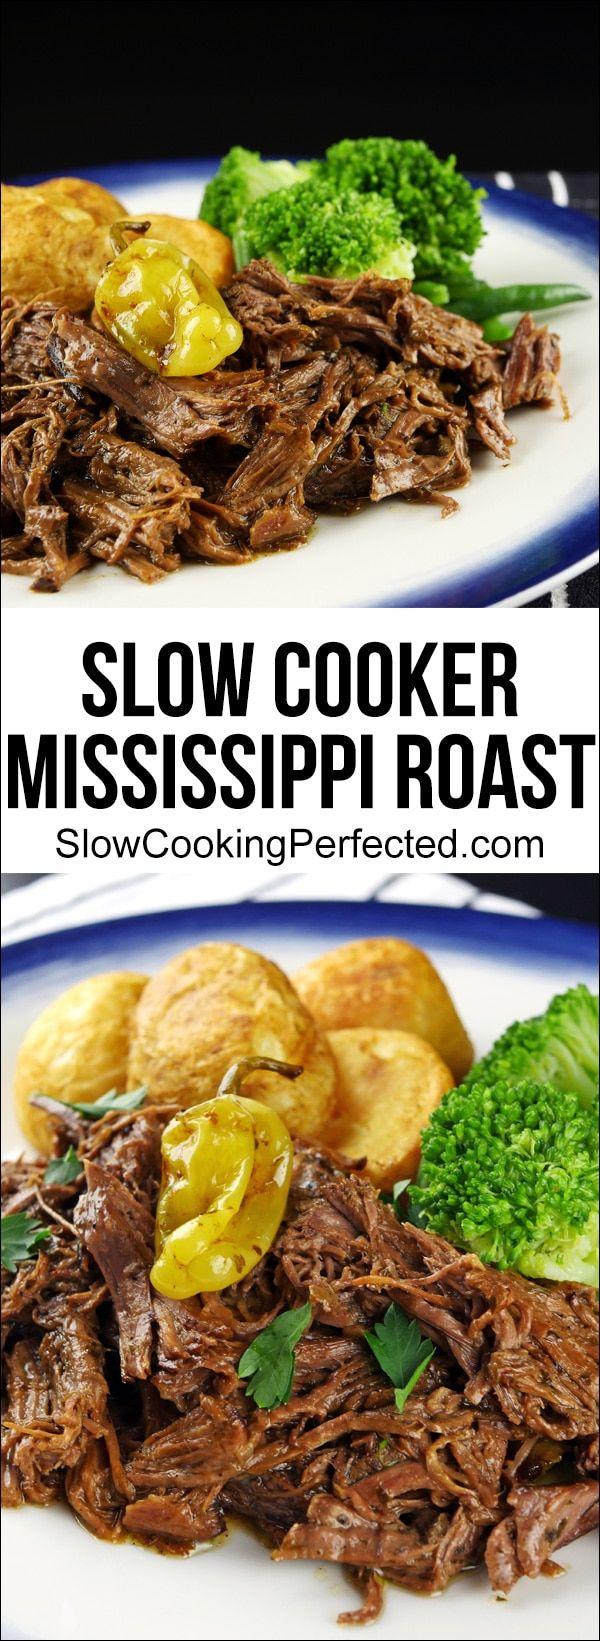 Super Easy Slow Cooker Mississippi Roast